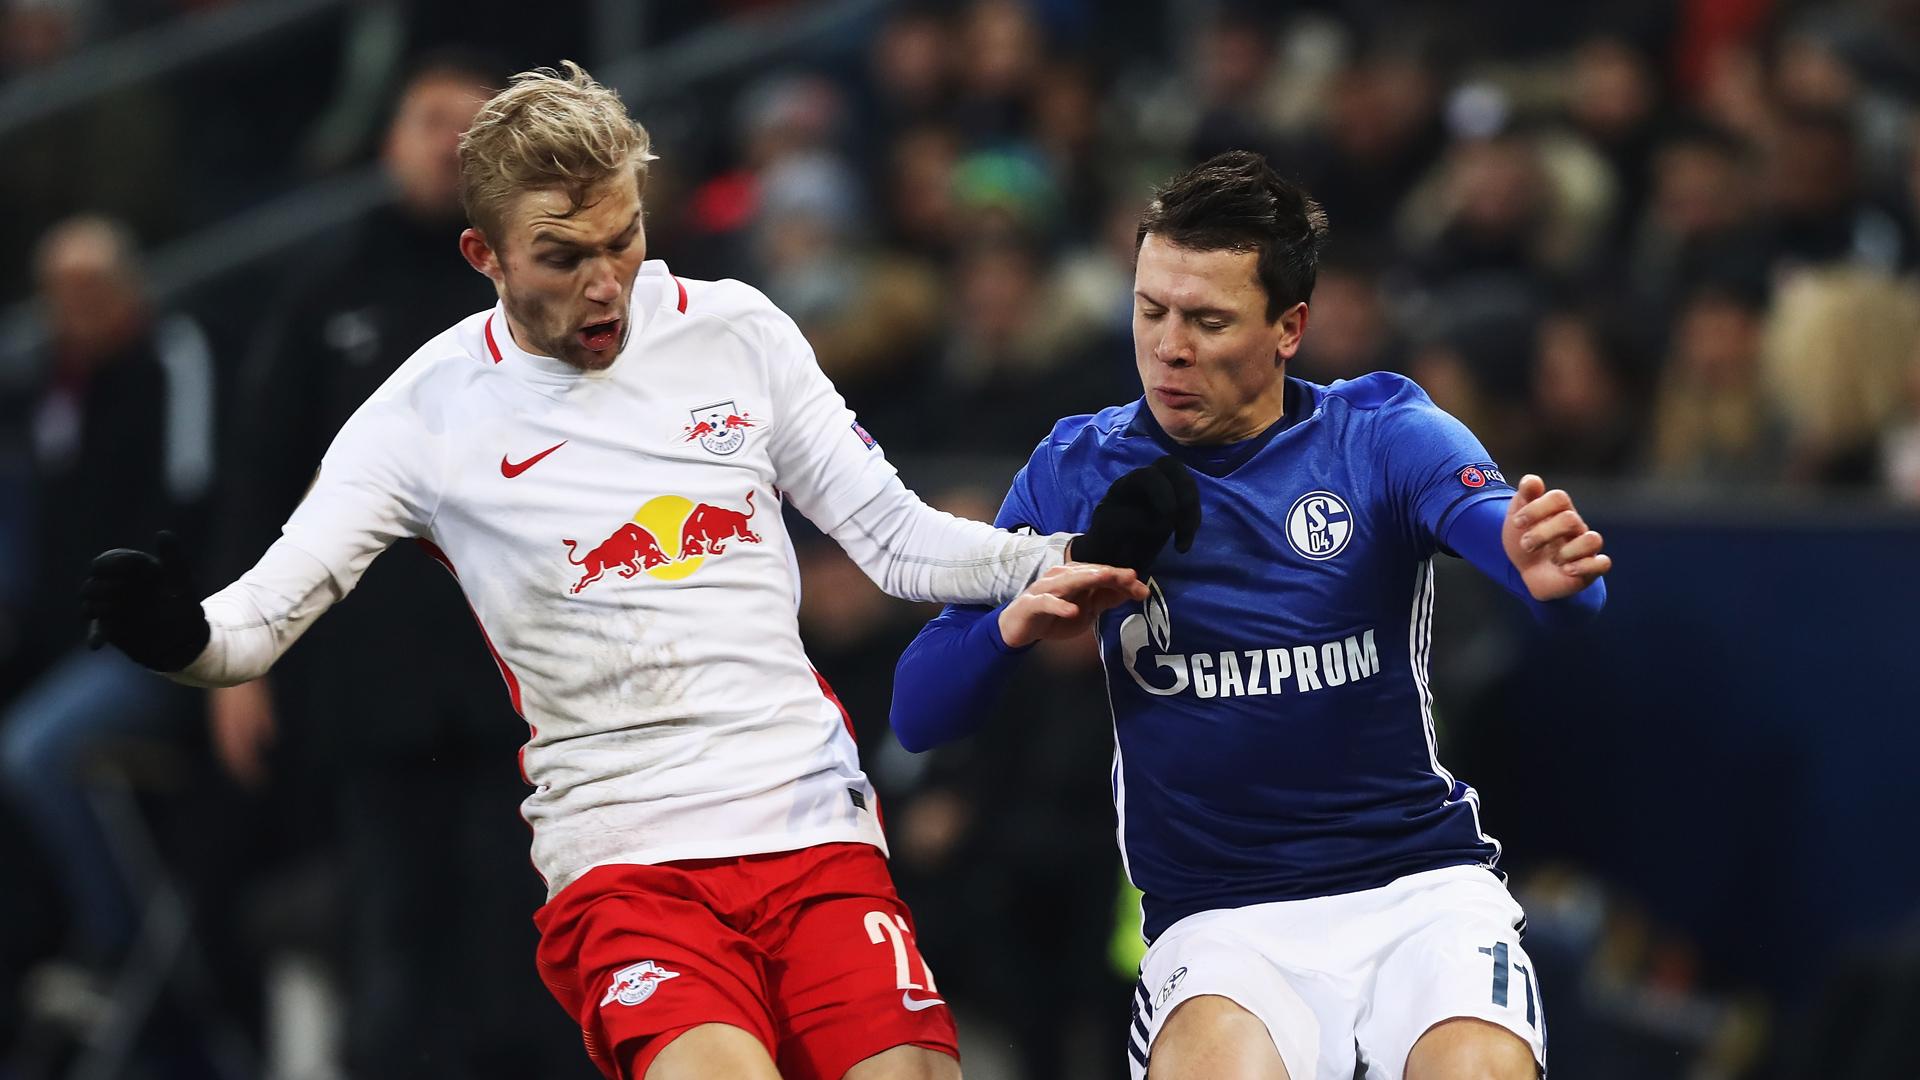 Wegen RB Leipzig: Salzburg muss Vereinswappen ändern